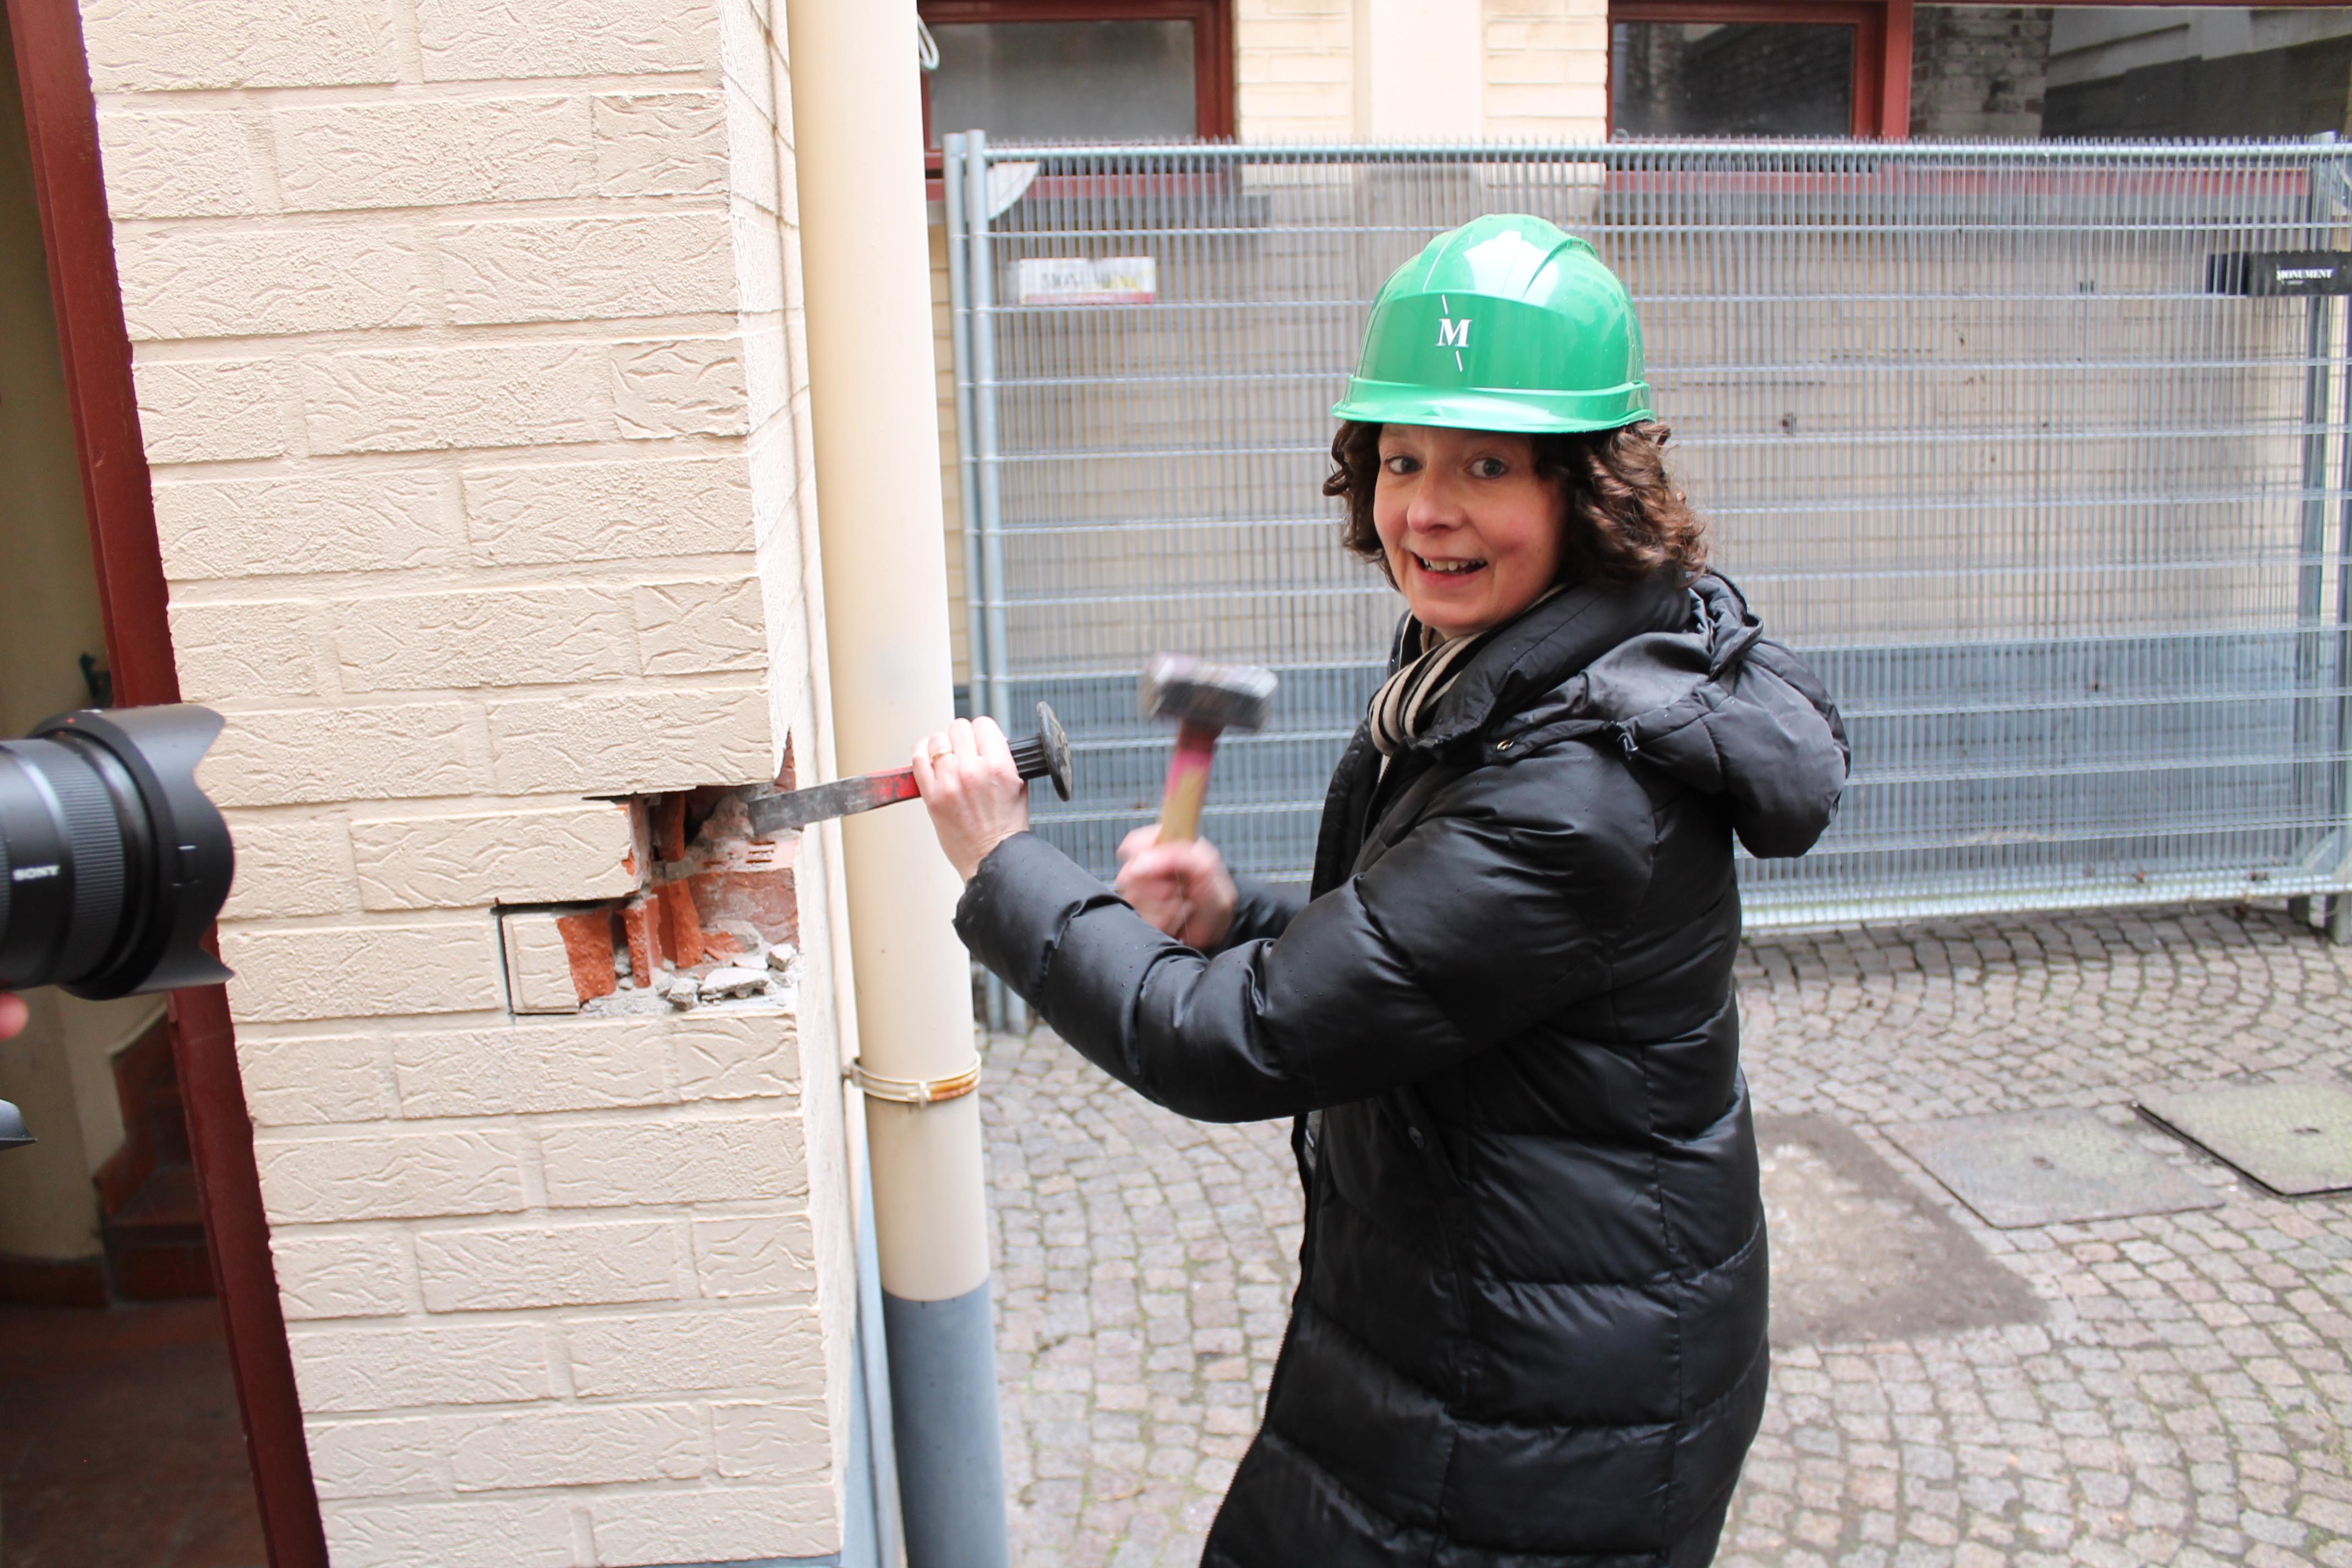 Annelies_met_helm_en_hamer_en_beitel_(1).JPG